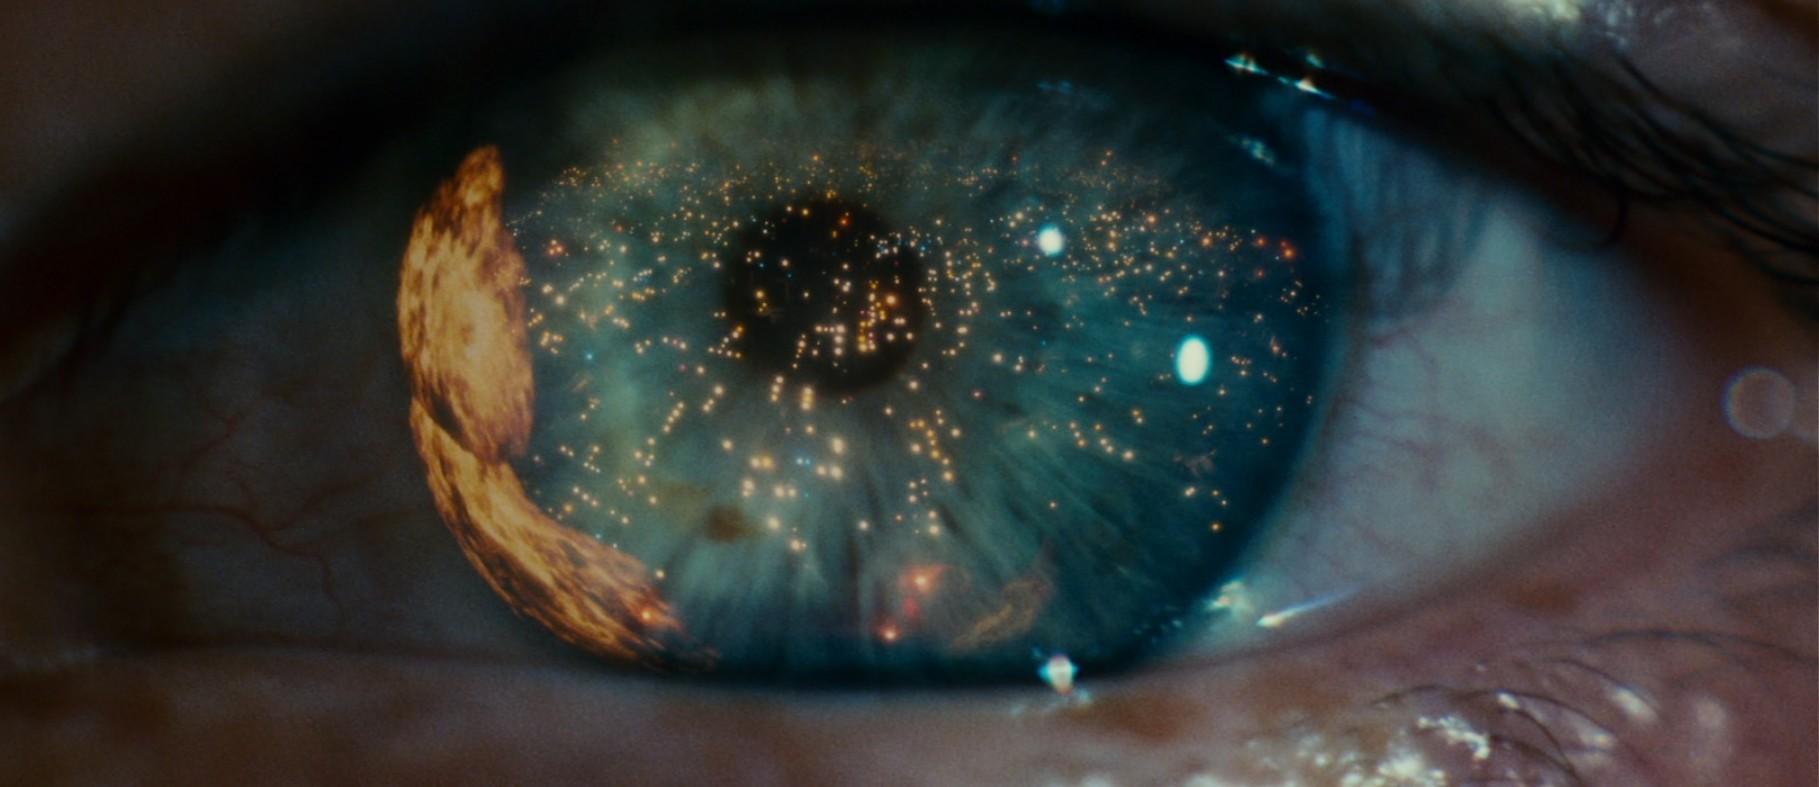 Ridley Scott tviholder på oppfølgerne til Blade Runner og Prometheus